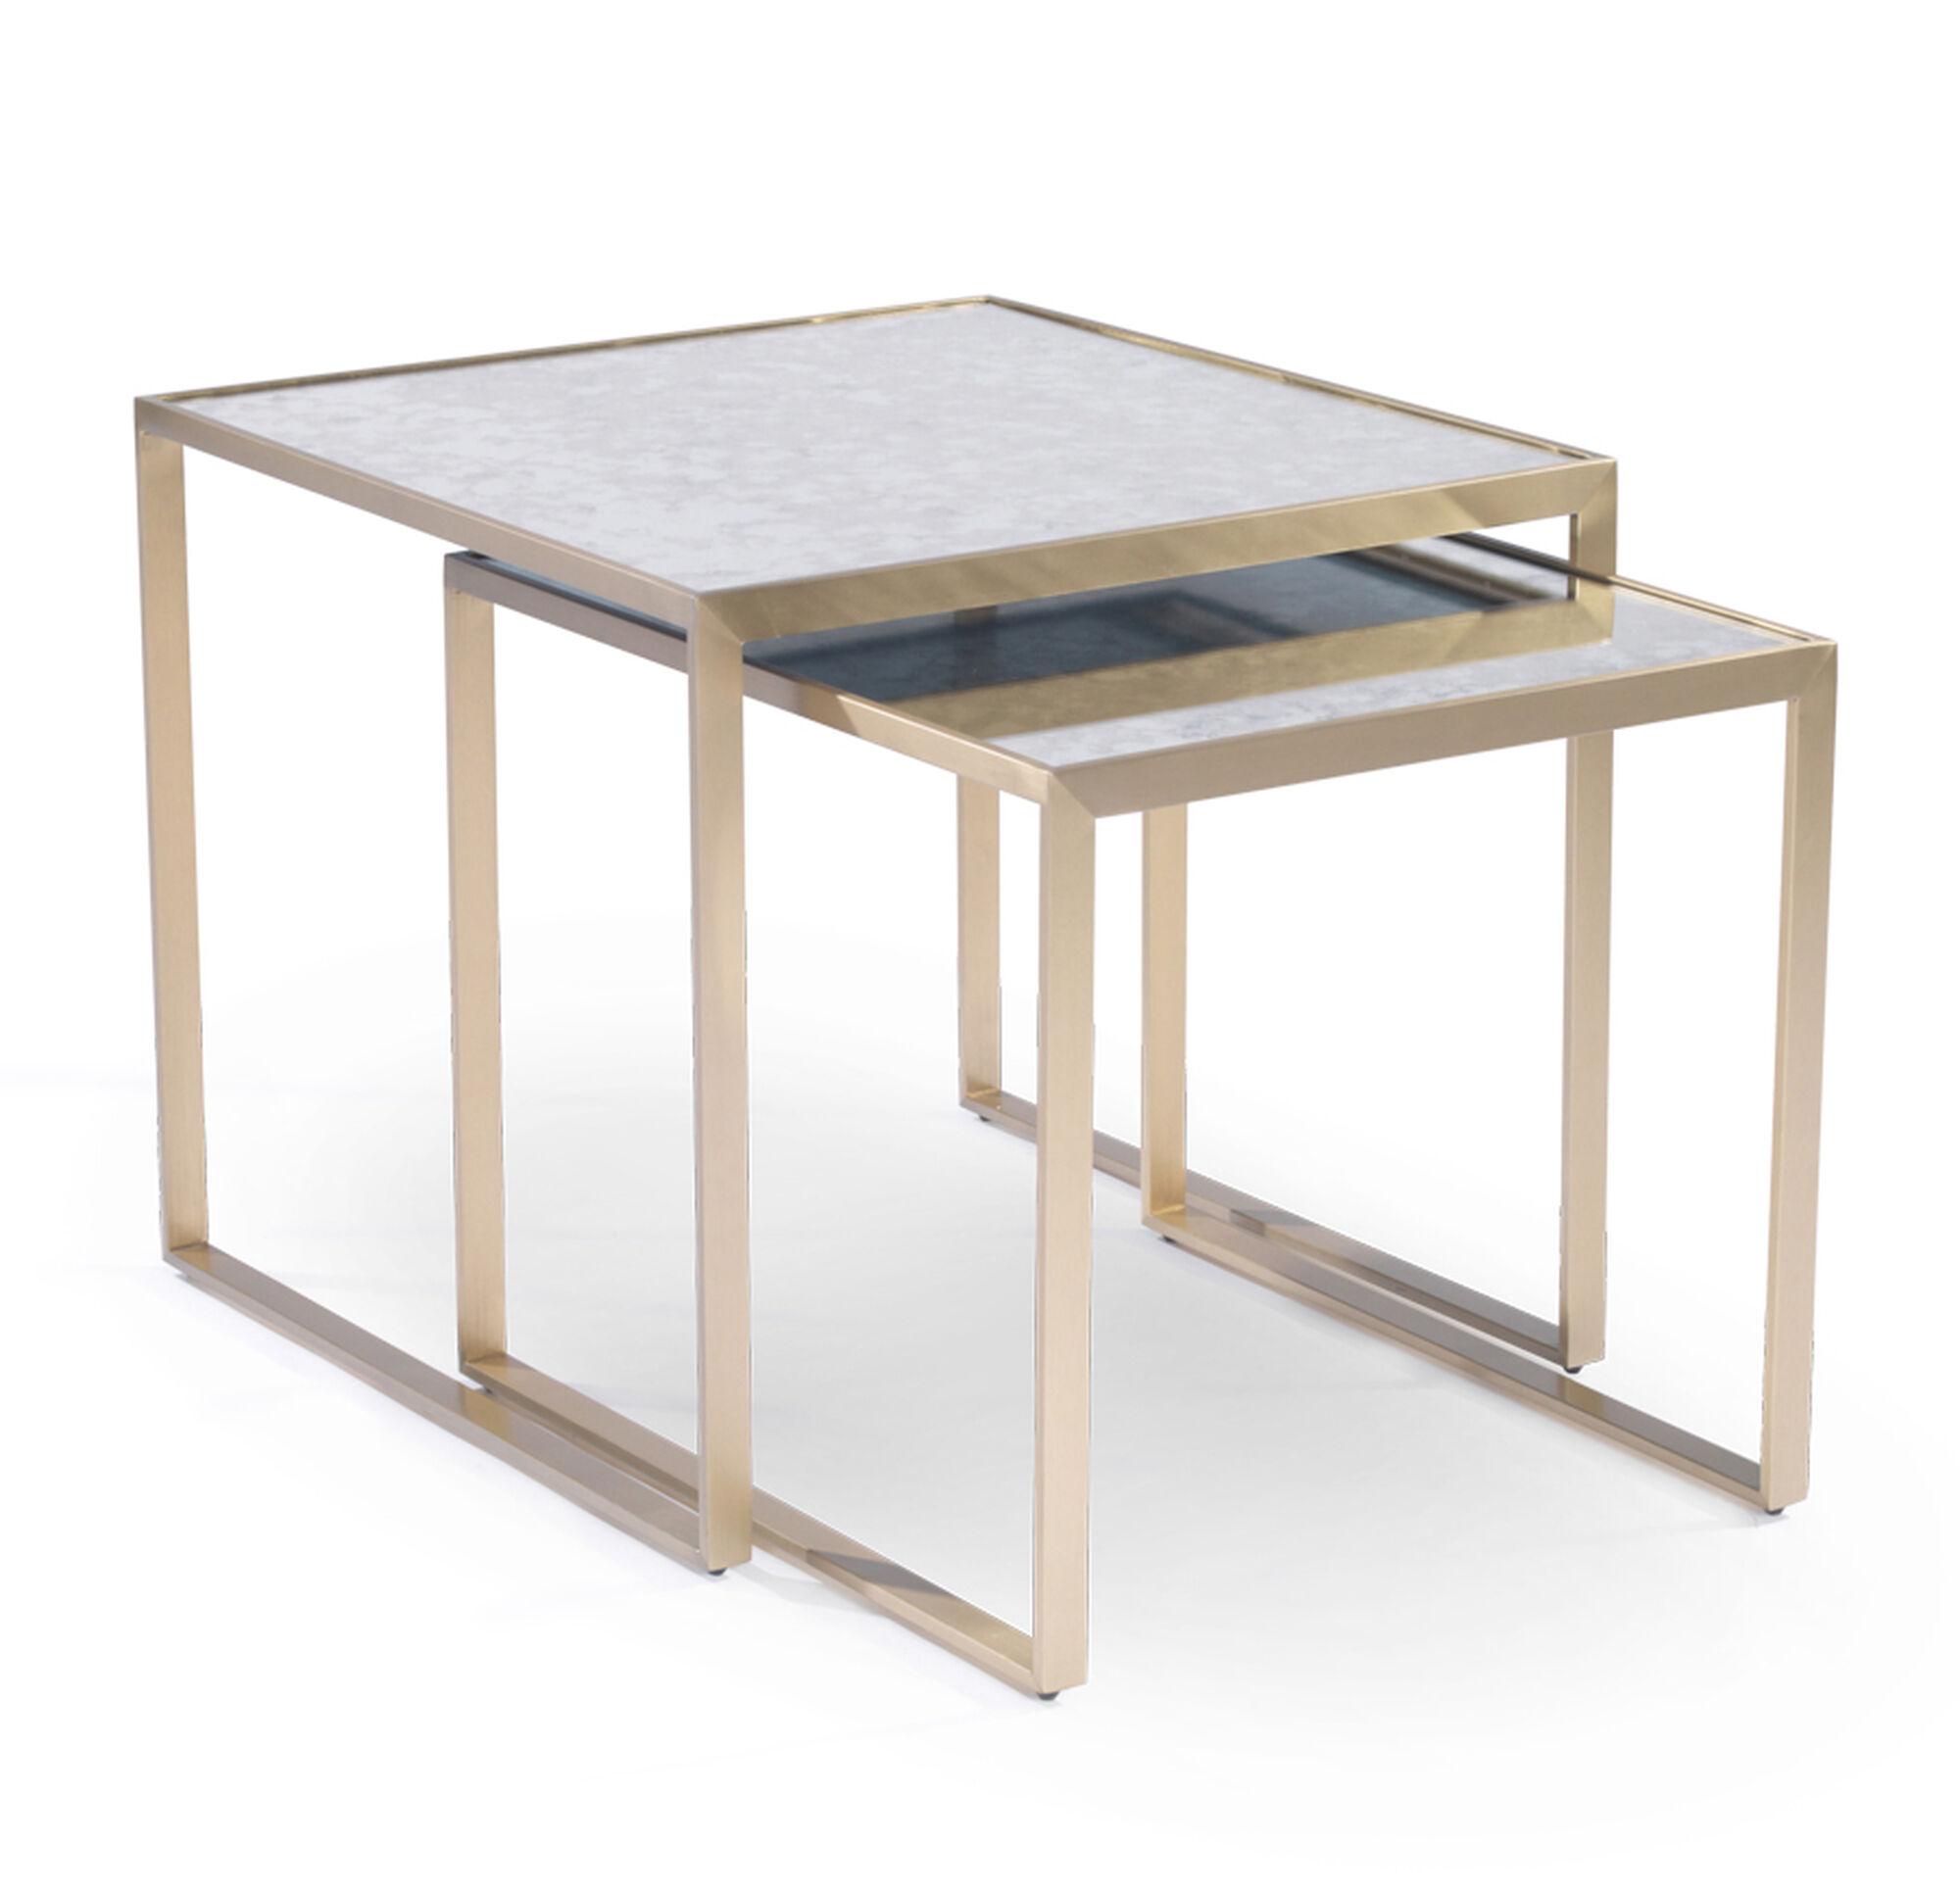 Astor nesting side table astor nesting side table hi res watchthetrailerfo